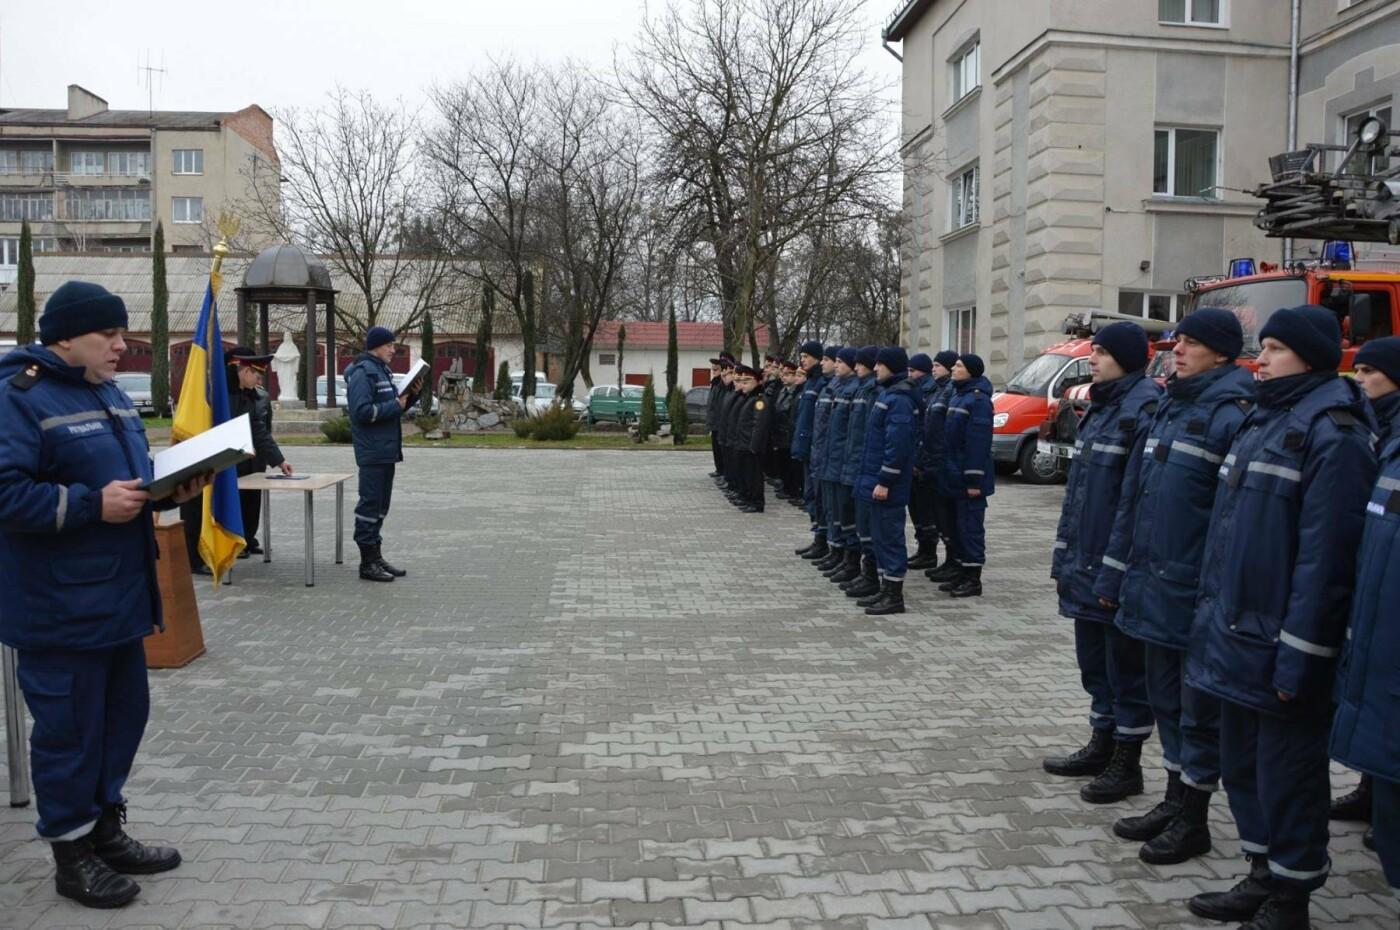 Майбутні спецрятувальники склали присягу на вірність народові України. ФОТО, фото-2